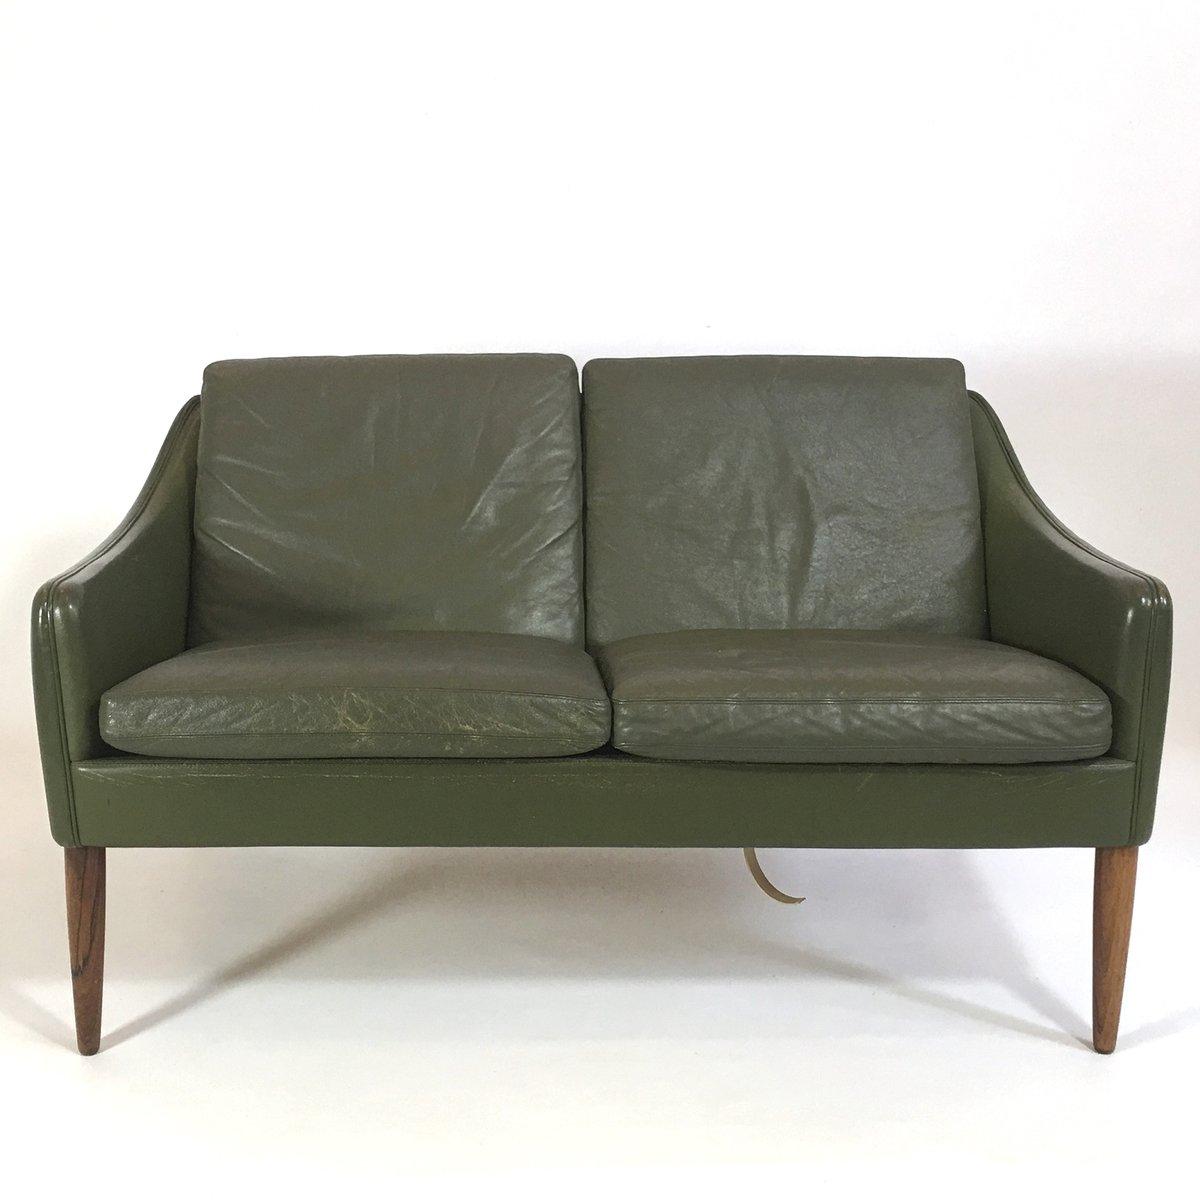 zwei sitzer sofa von hans olsen f r c s mobelfabrik 1960er bei pamono kaufen. Black Bedroom Furniture Sets. Home Design Ideas